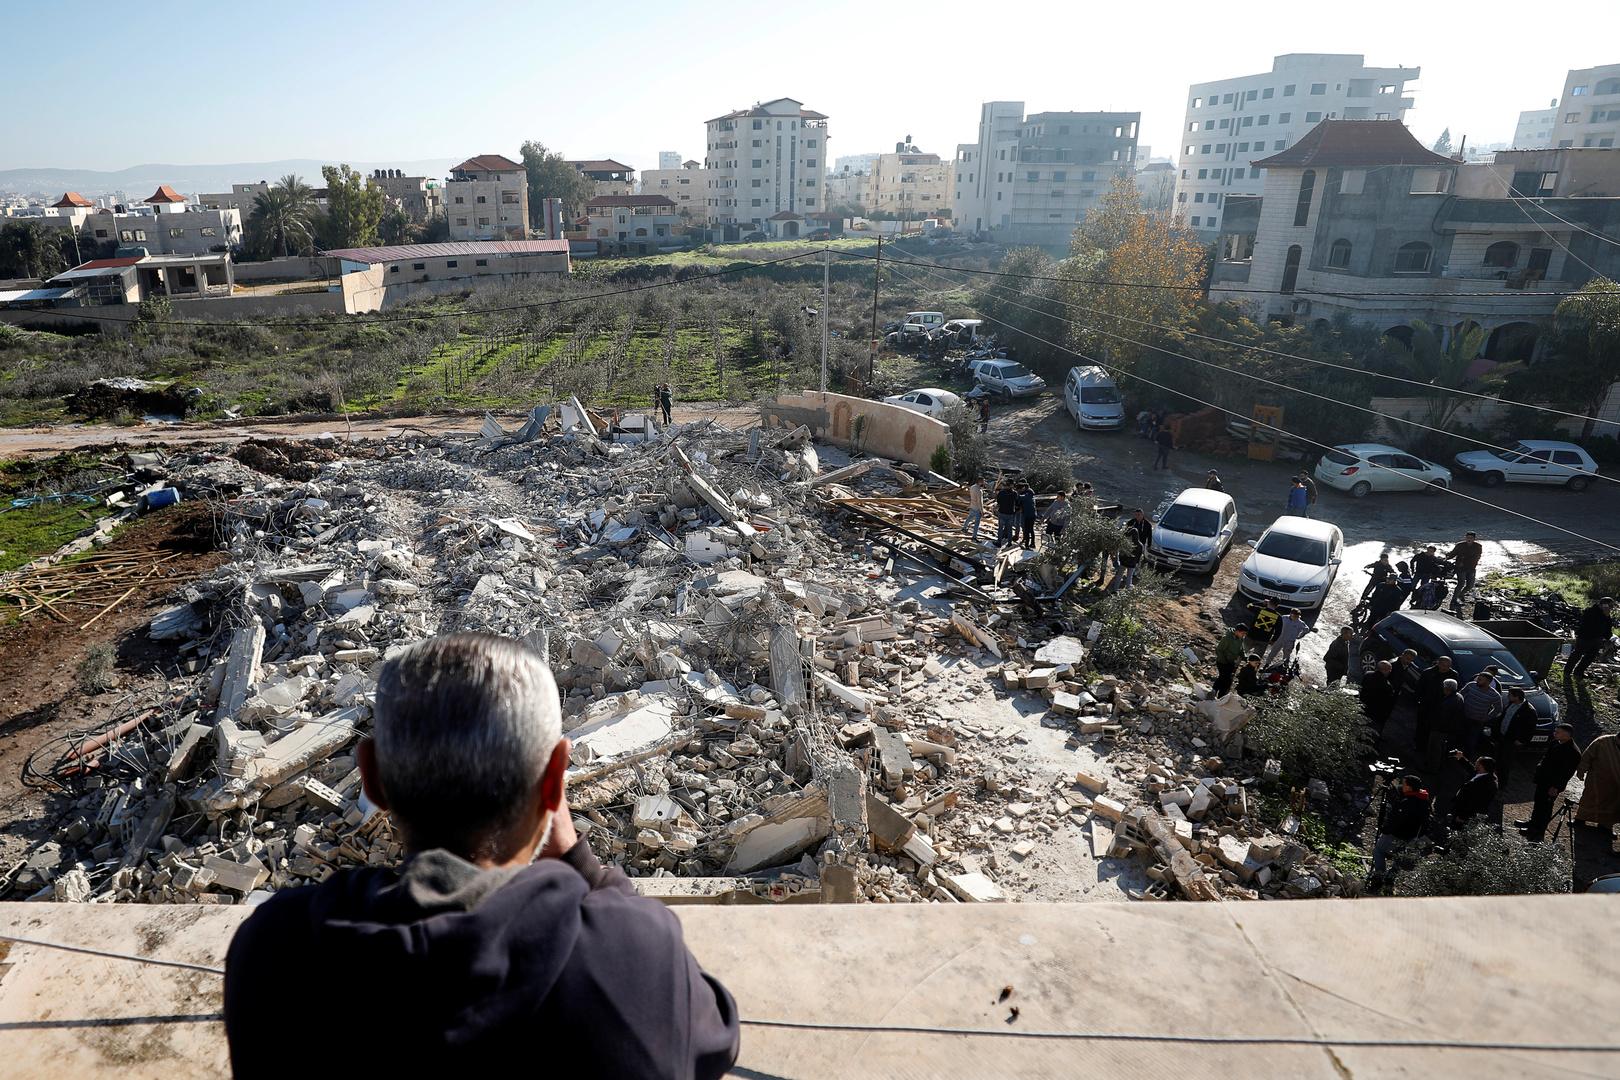 إسرائيل تفرض سيادتها على 30% من أراضي الضفة الغربية